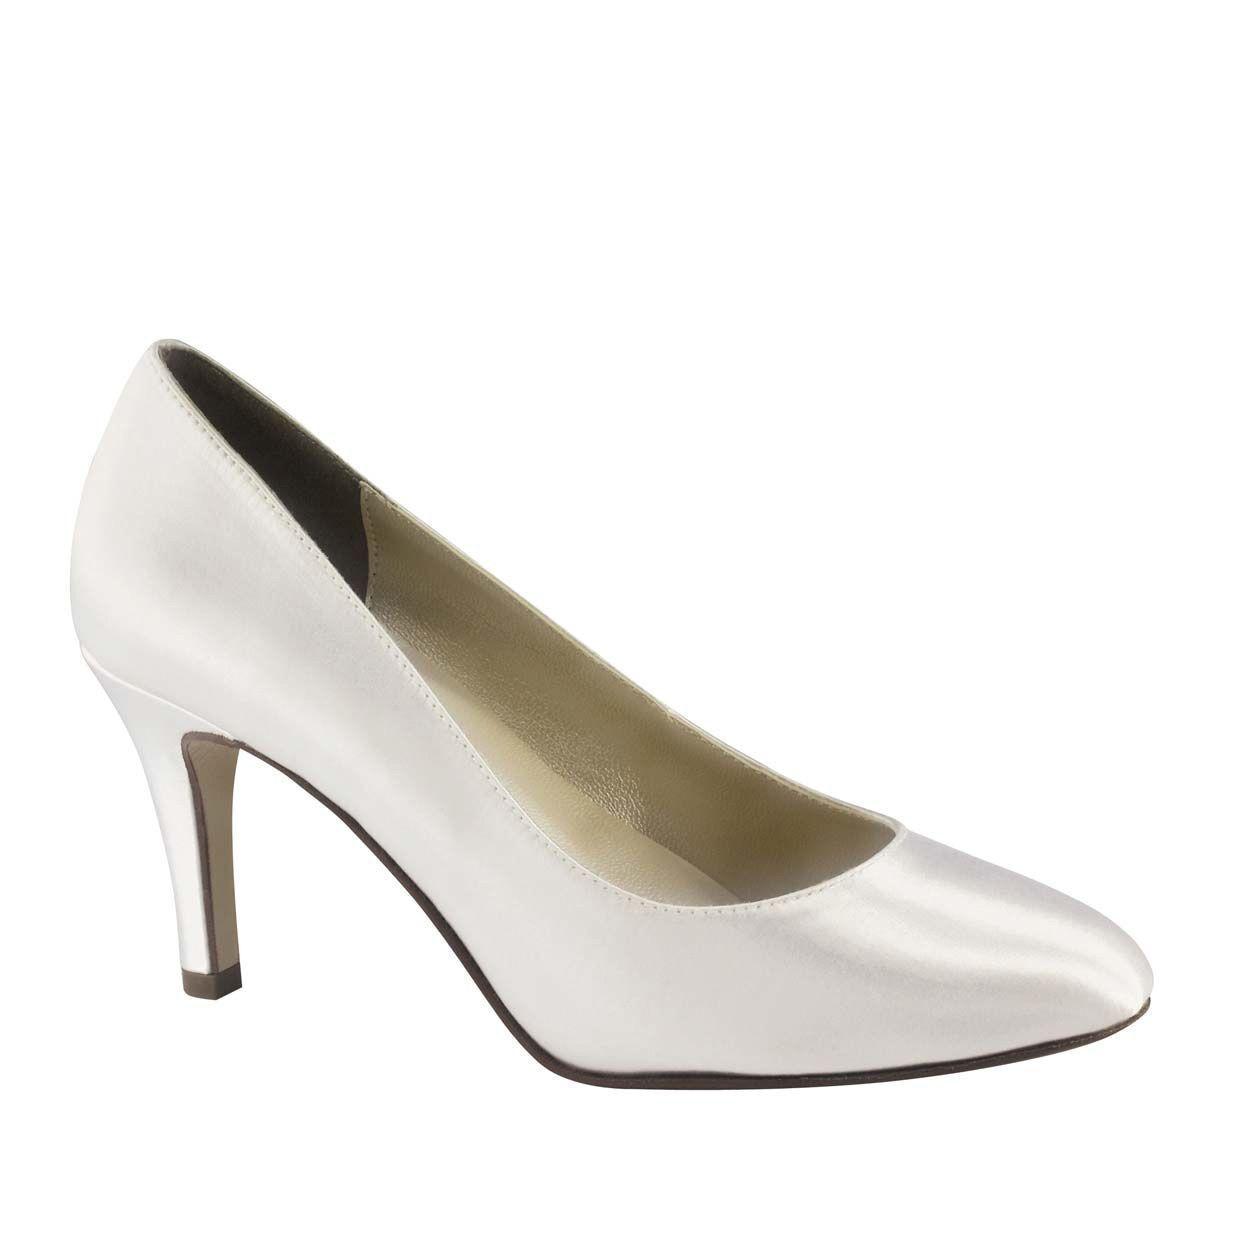 damen's Touch Ups Heel Sandra Mid Heel Ups Pump Weiß Größe 10  NCM20-M49 16fd60